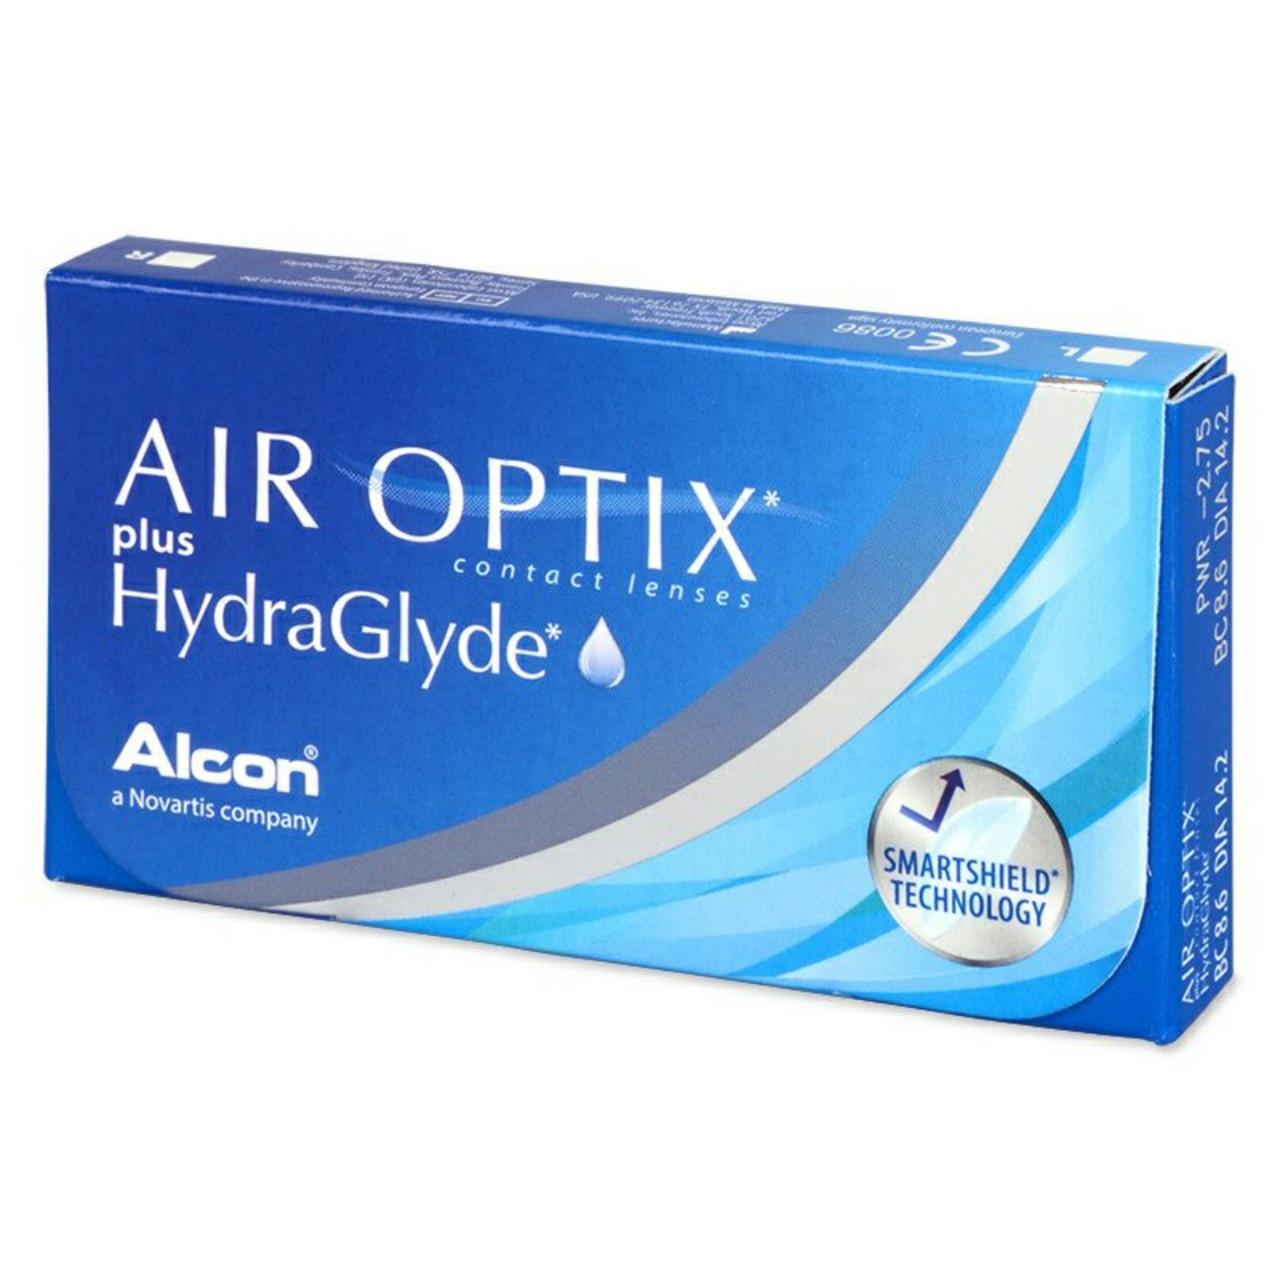 Контактные линзы +3,00 Air Optix plus HydraGlyde